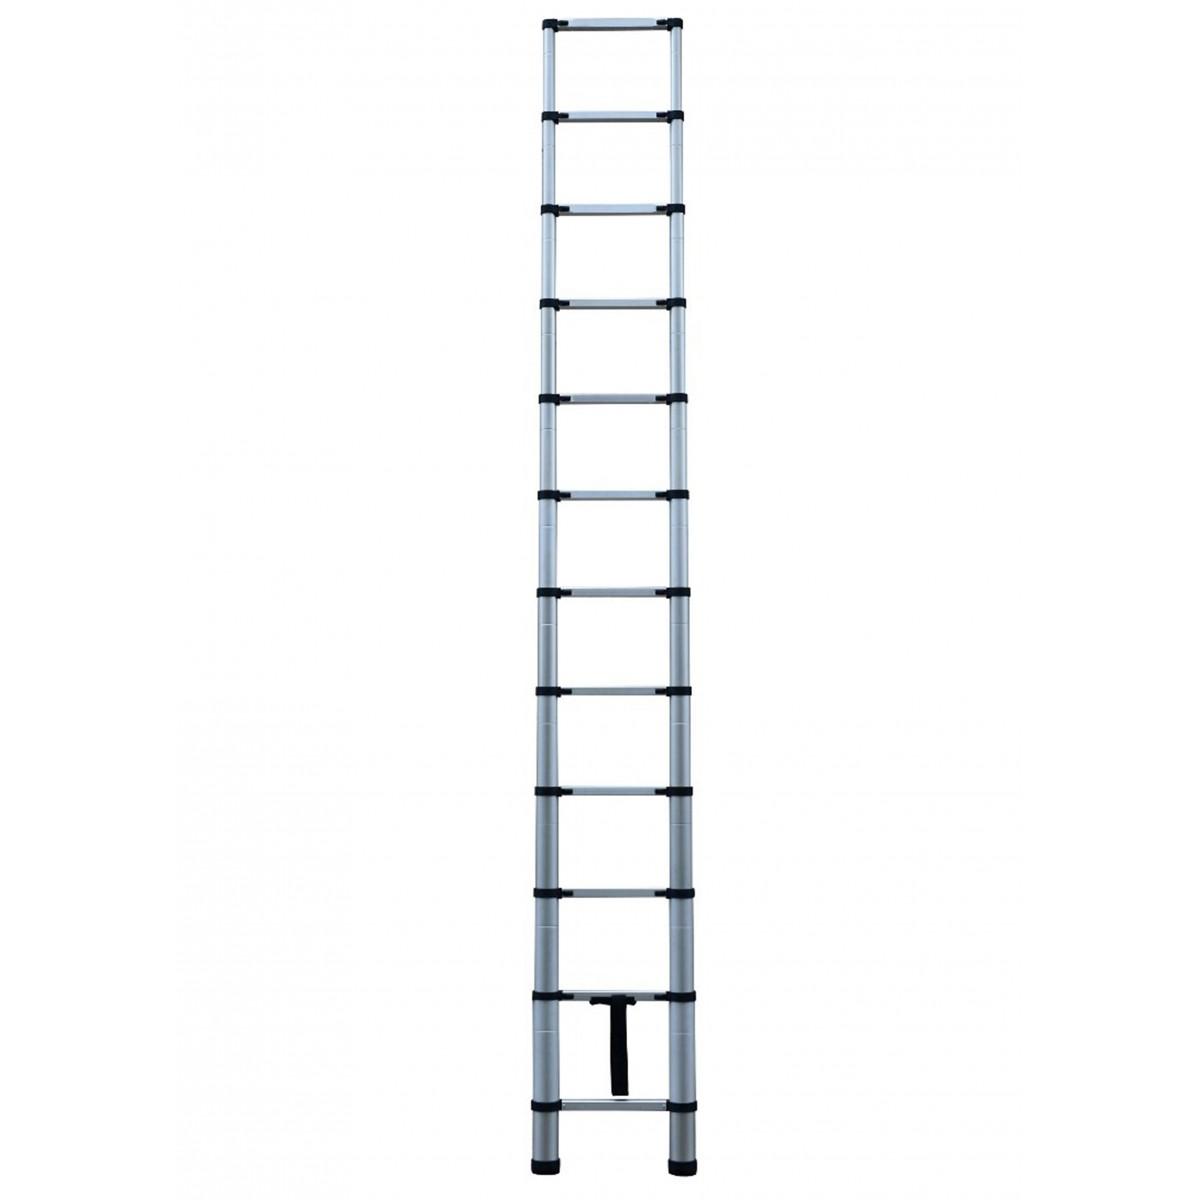 Escada Telescópica de Alumínio 12 Degraus AT0112A Extensível